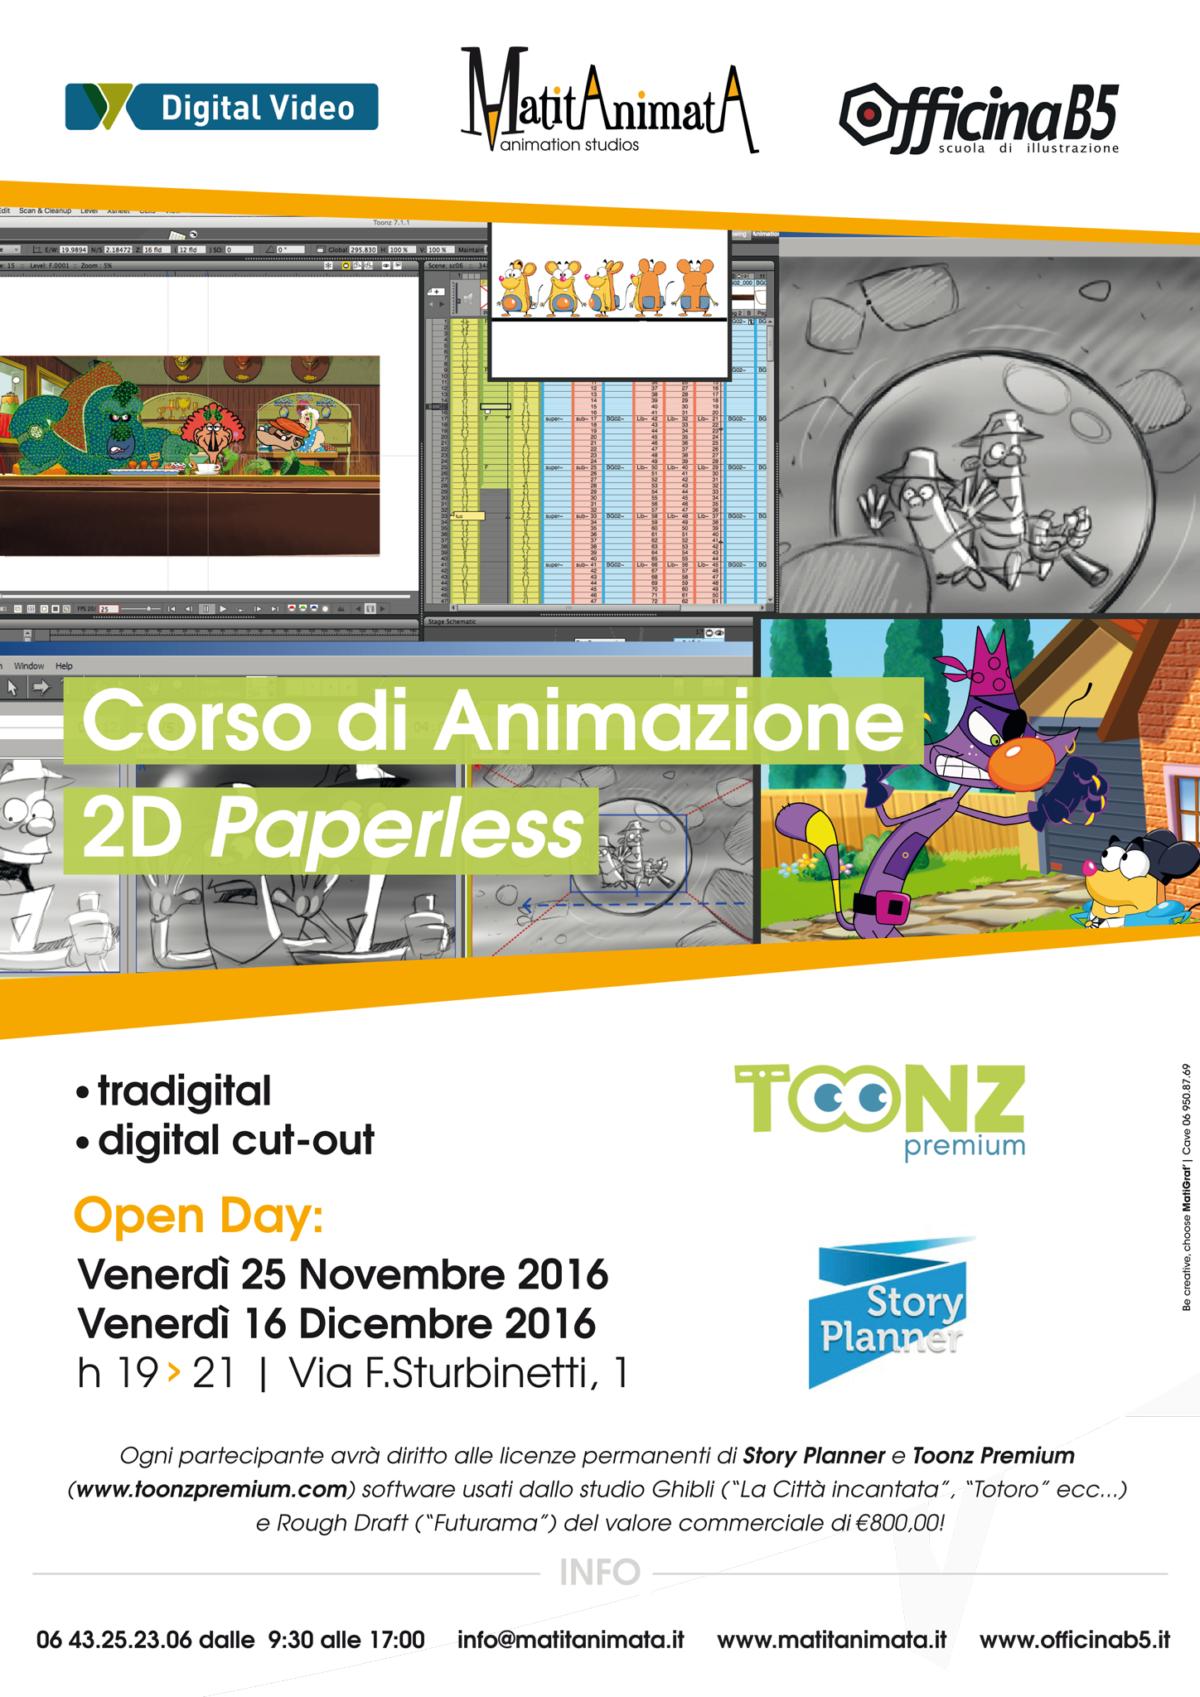 Corso di Animazione 2D paperless